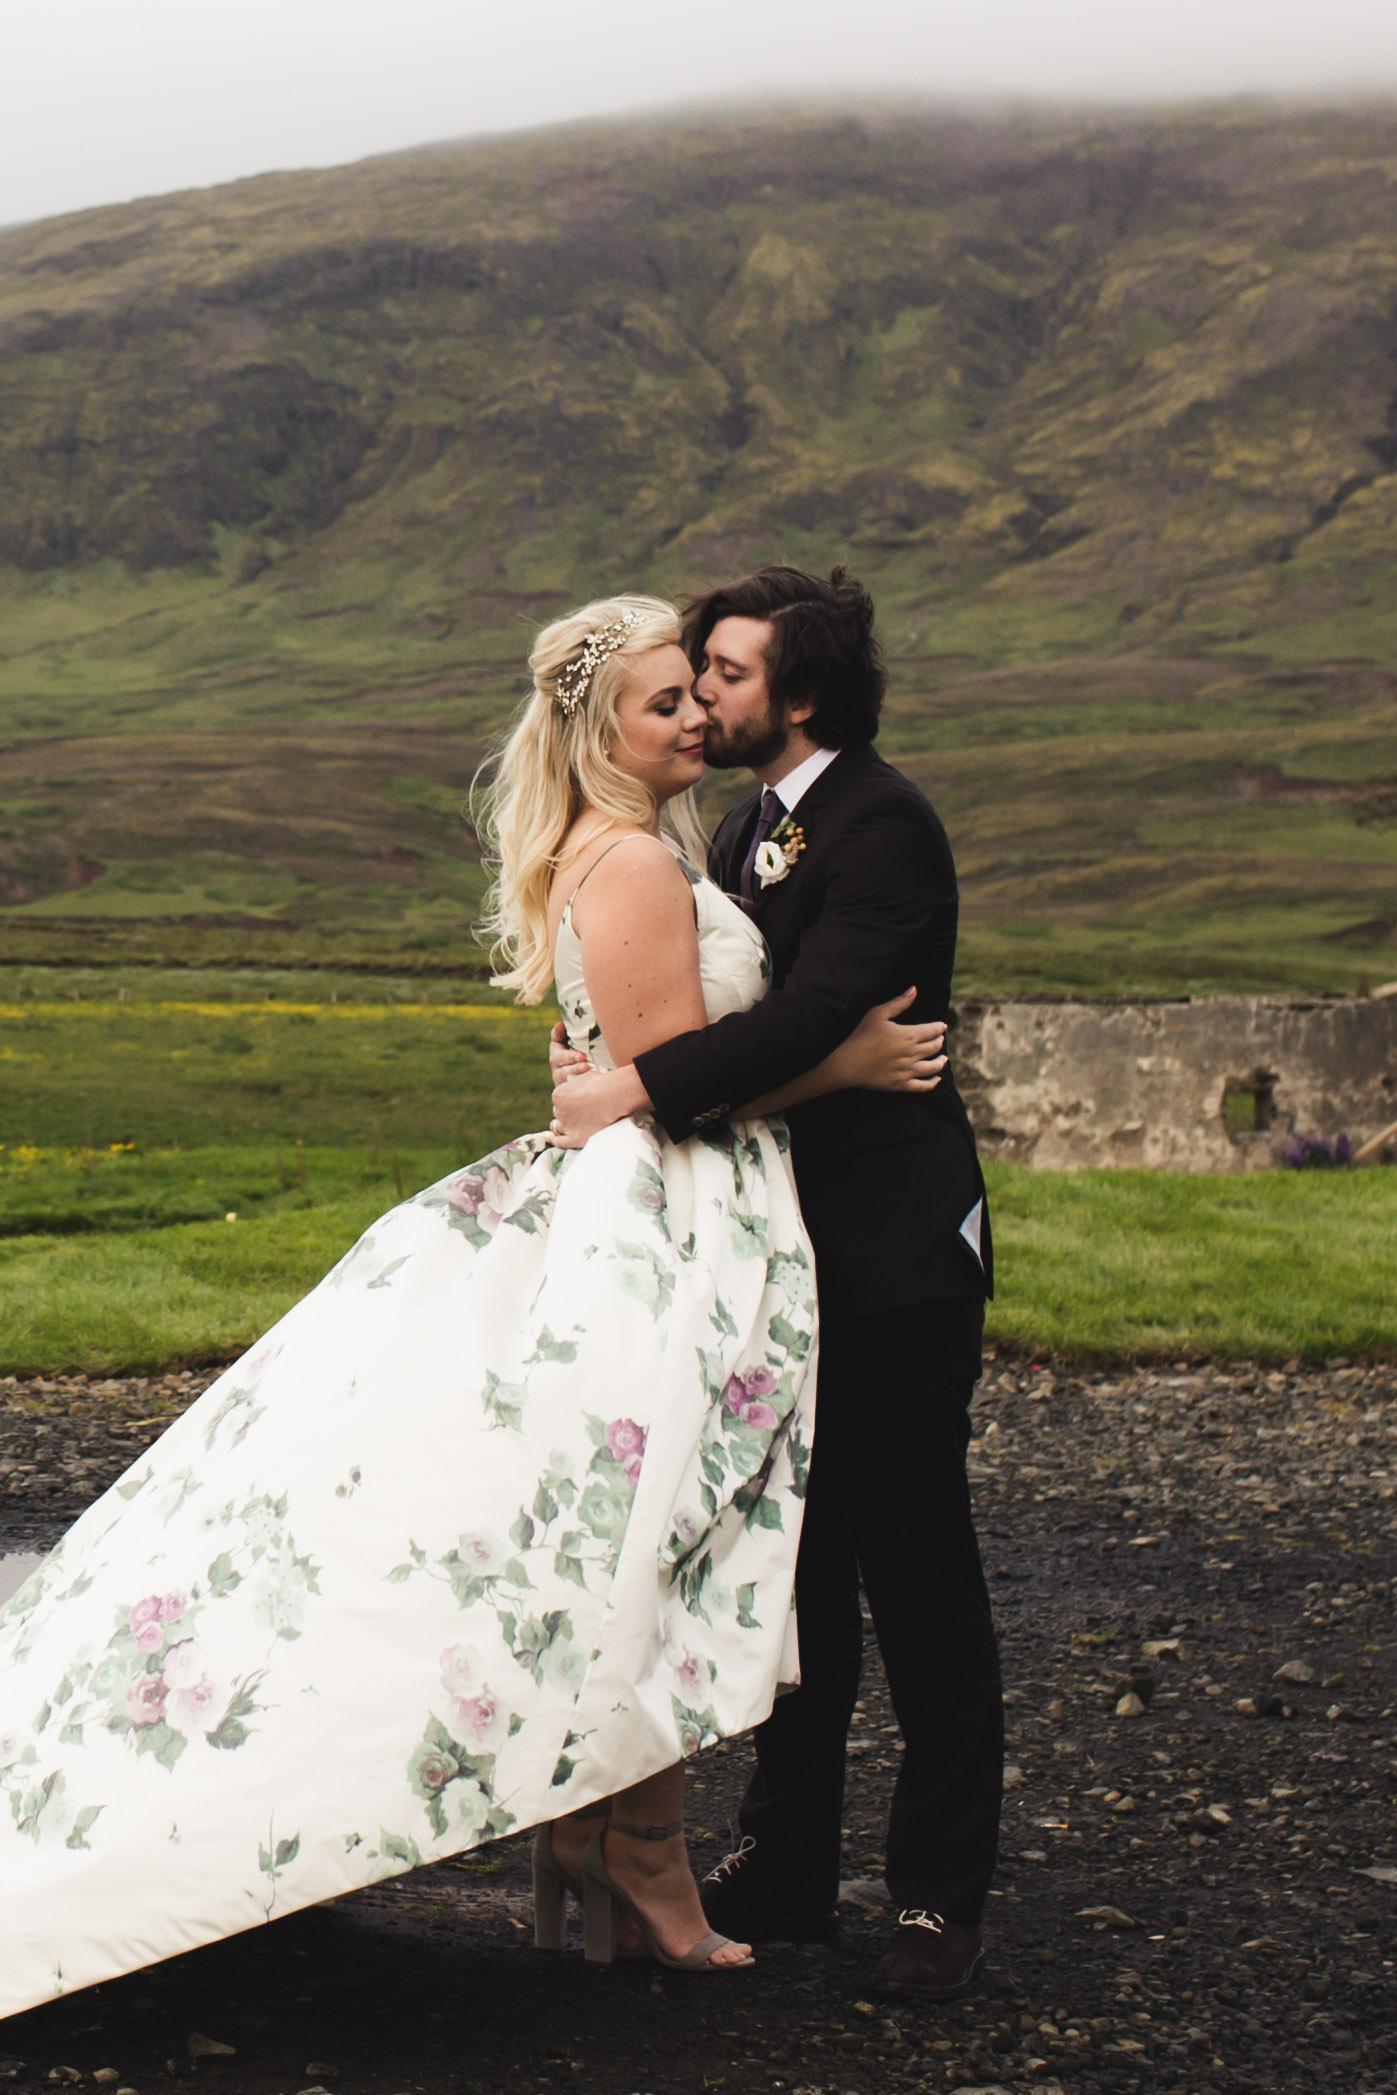 LisaDiederichPhotography_IcelandWedding_Kelsey&Zack-67.jpg